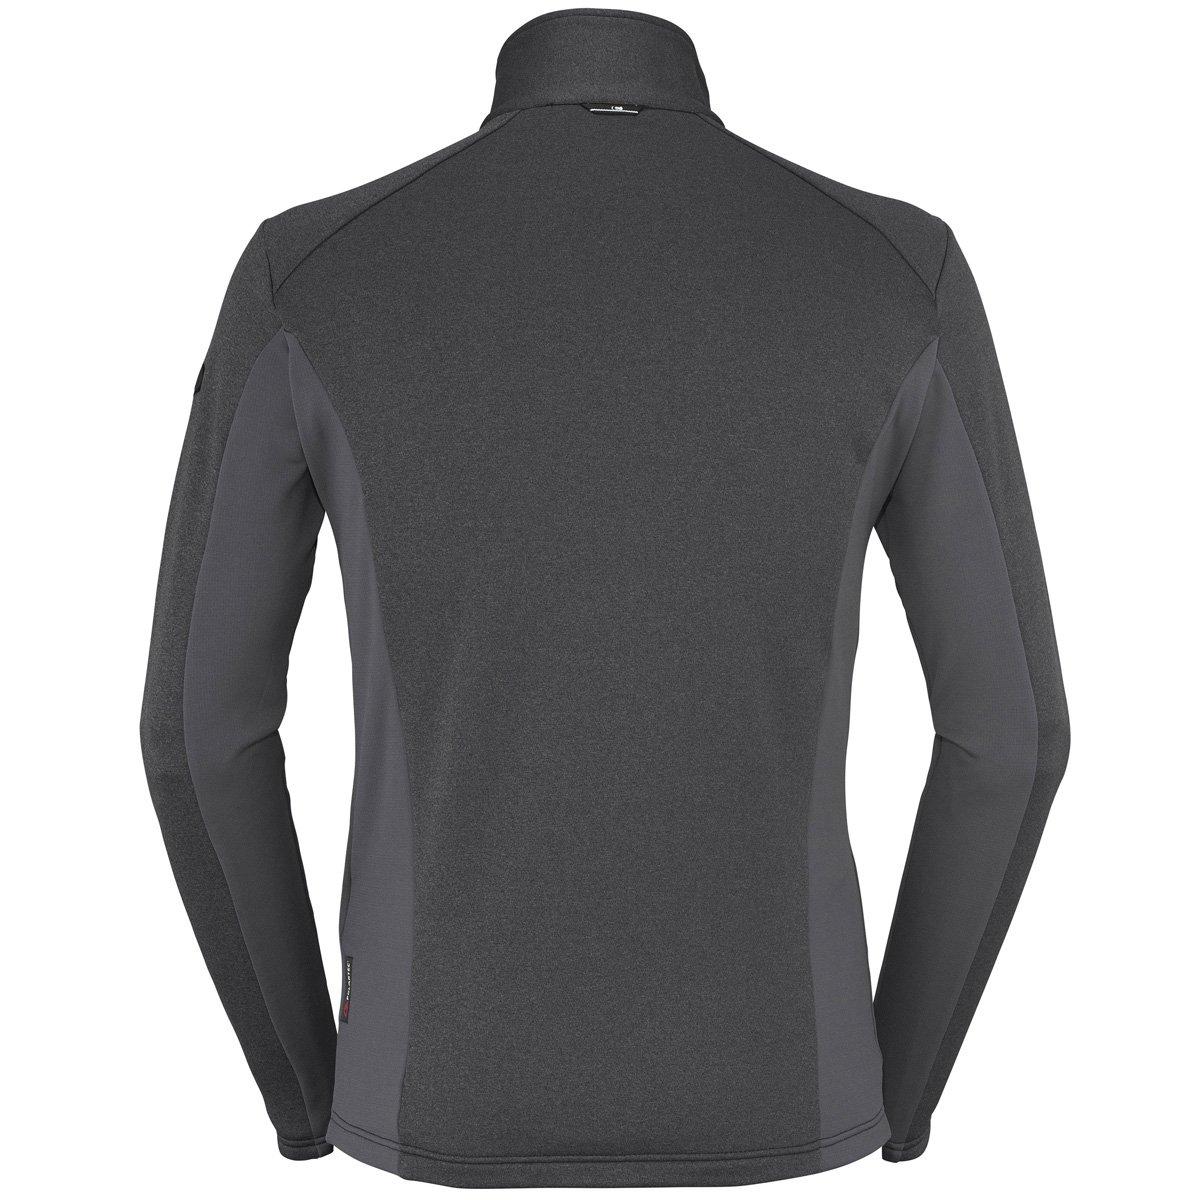 Eider?-?Veste polaire Wonder Cloudy T-Shirt?-?Men?-?Black Graphite